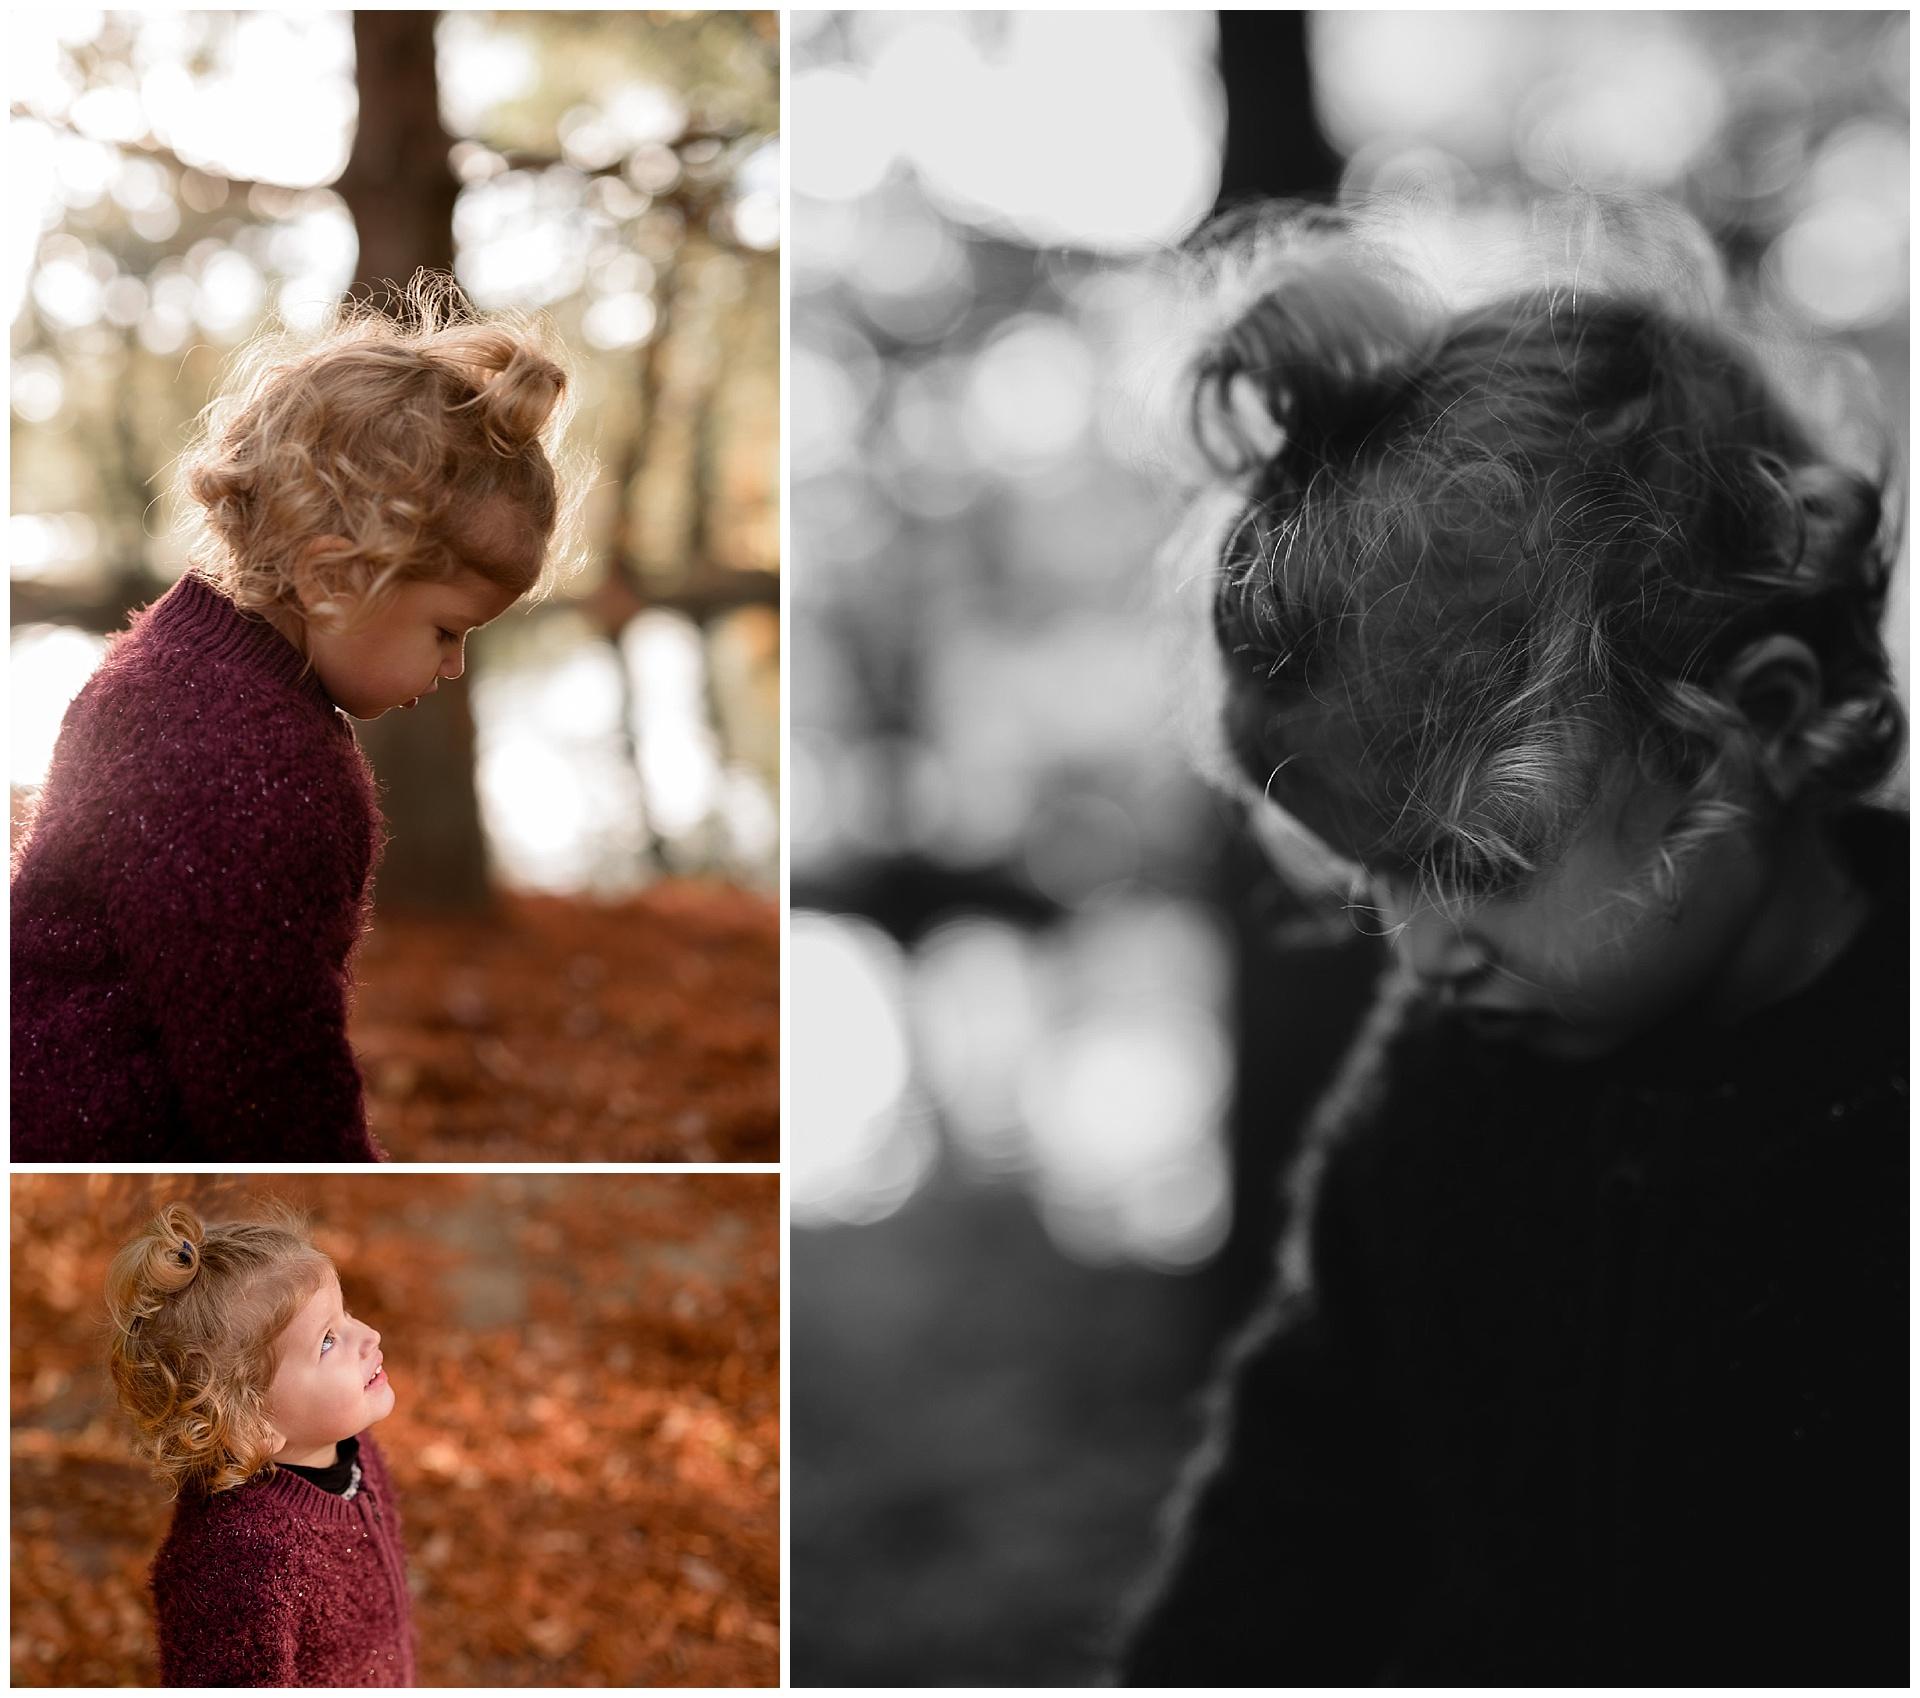 Séance Photo enfant bébé famille Le vesinet Chatou Yvelines Lifestyle Photographe automne